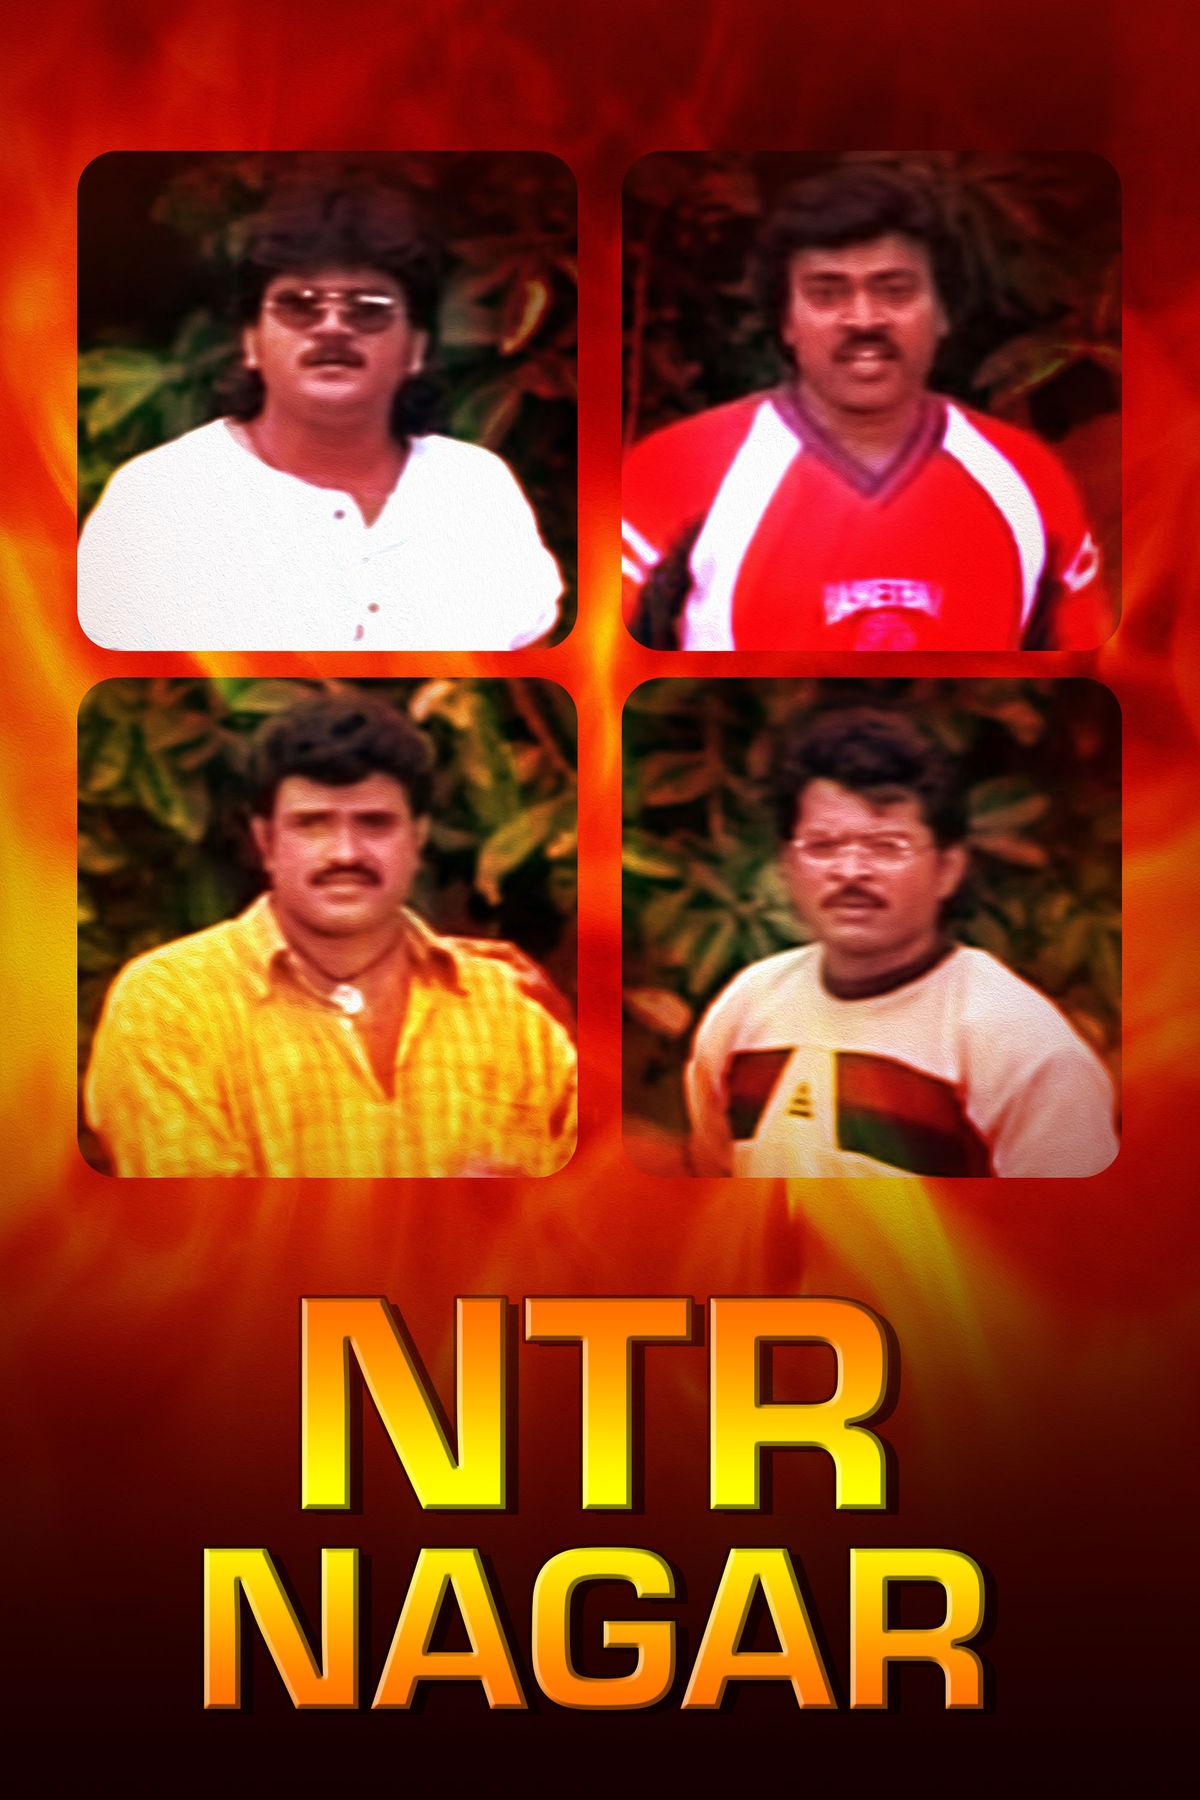 NTR Nagar